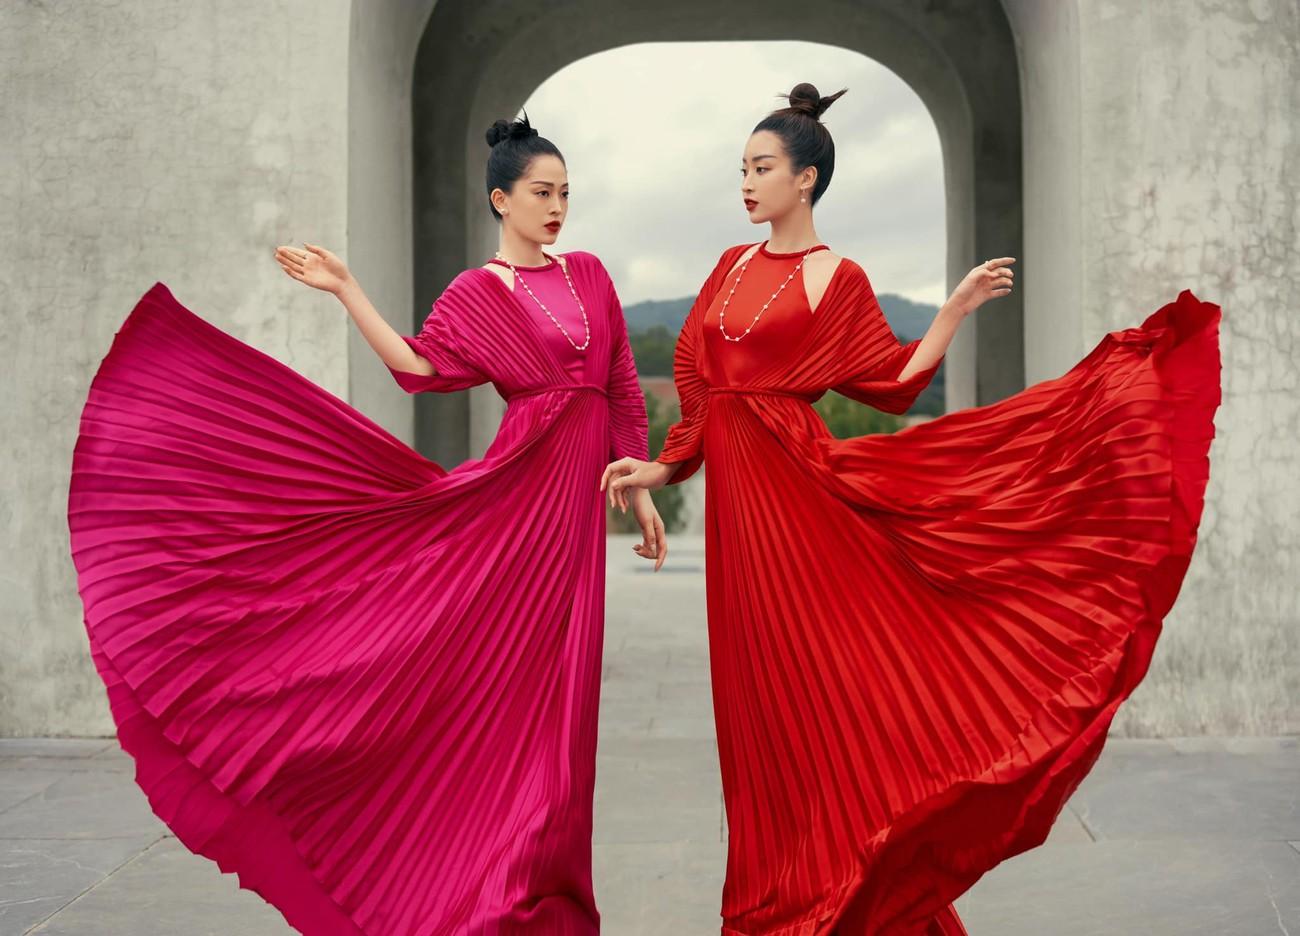 Á hậu Phương Anh khoe eo thon quyến rũ, Huyền My xinh đẹp trên phố với áo dài Tết đỏ rực ảnh 6